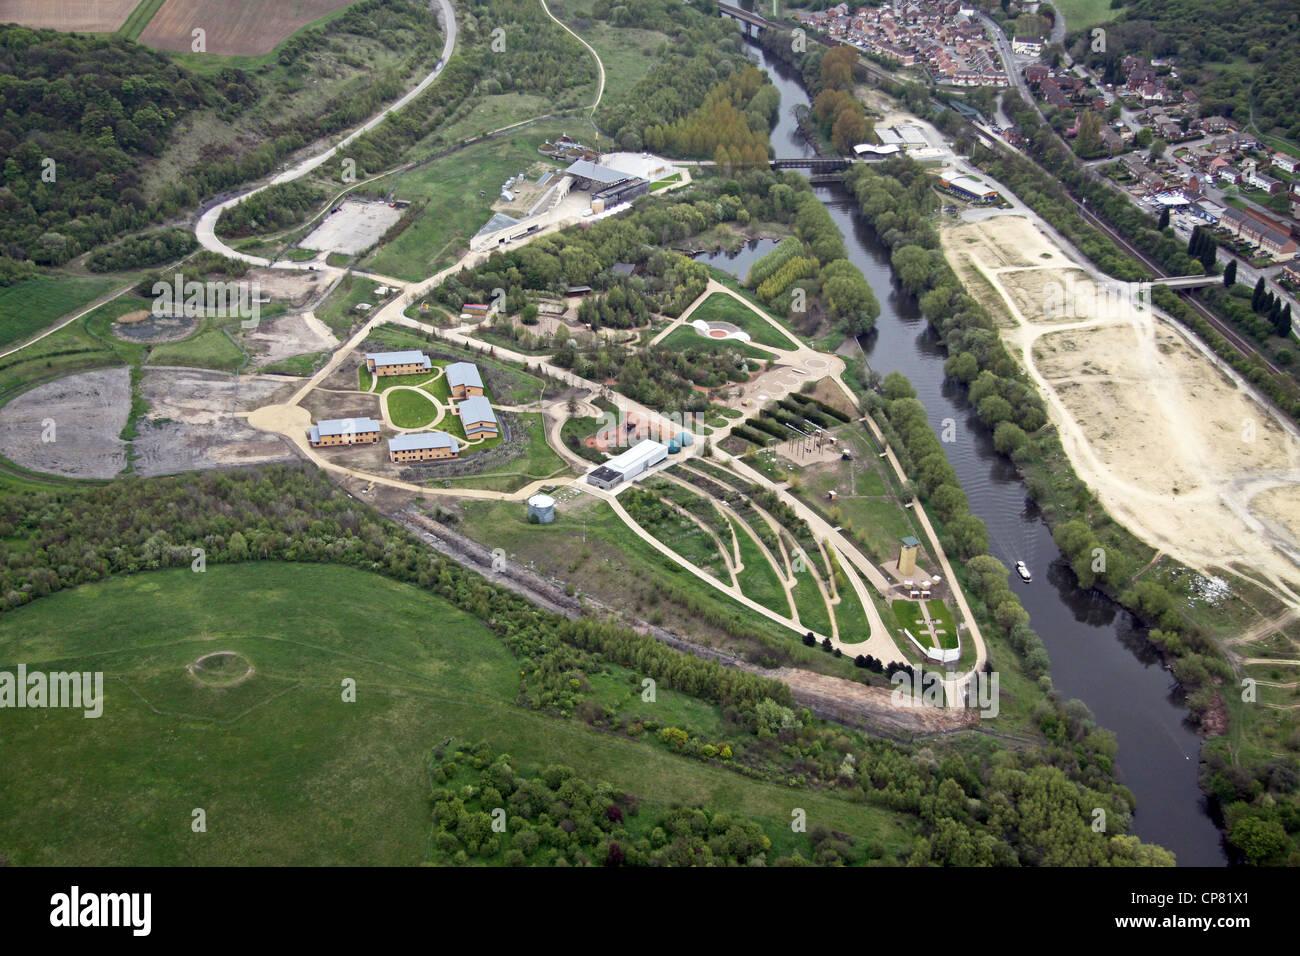 Vista aérea del centro de la Tierra, ahora cerrado, al sur de Yorkshire Conisborough Imagen De Stock